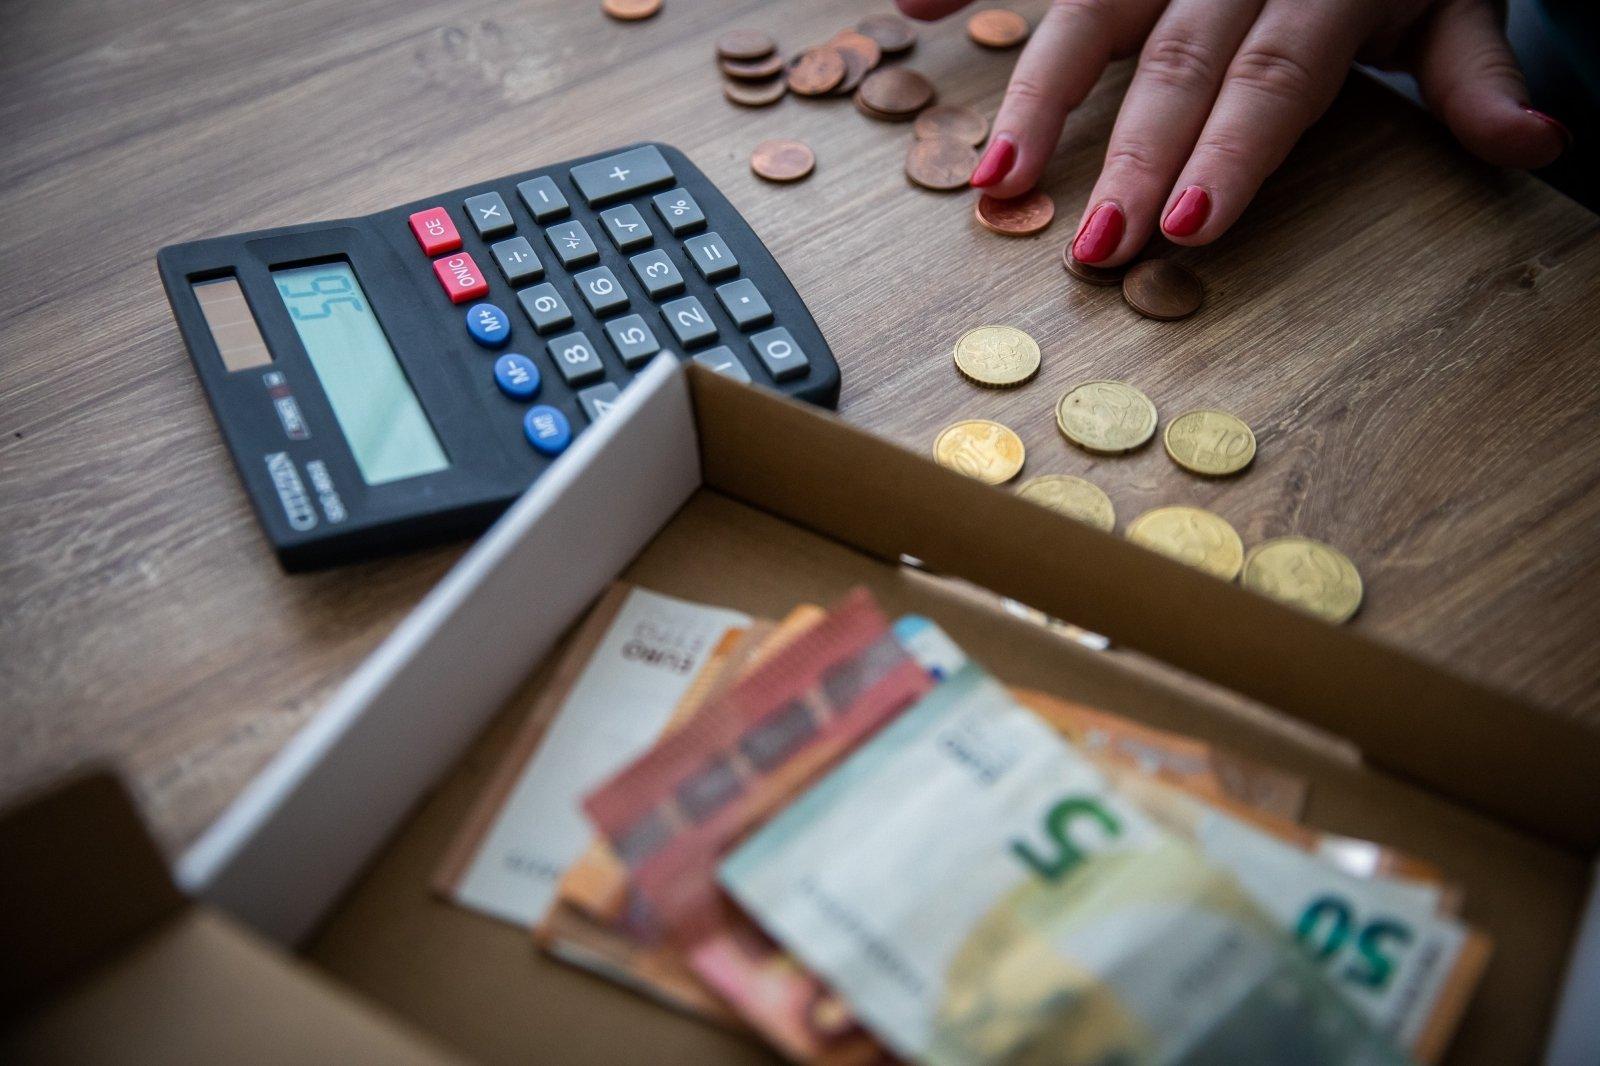 skolų prekybos sistema